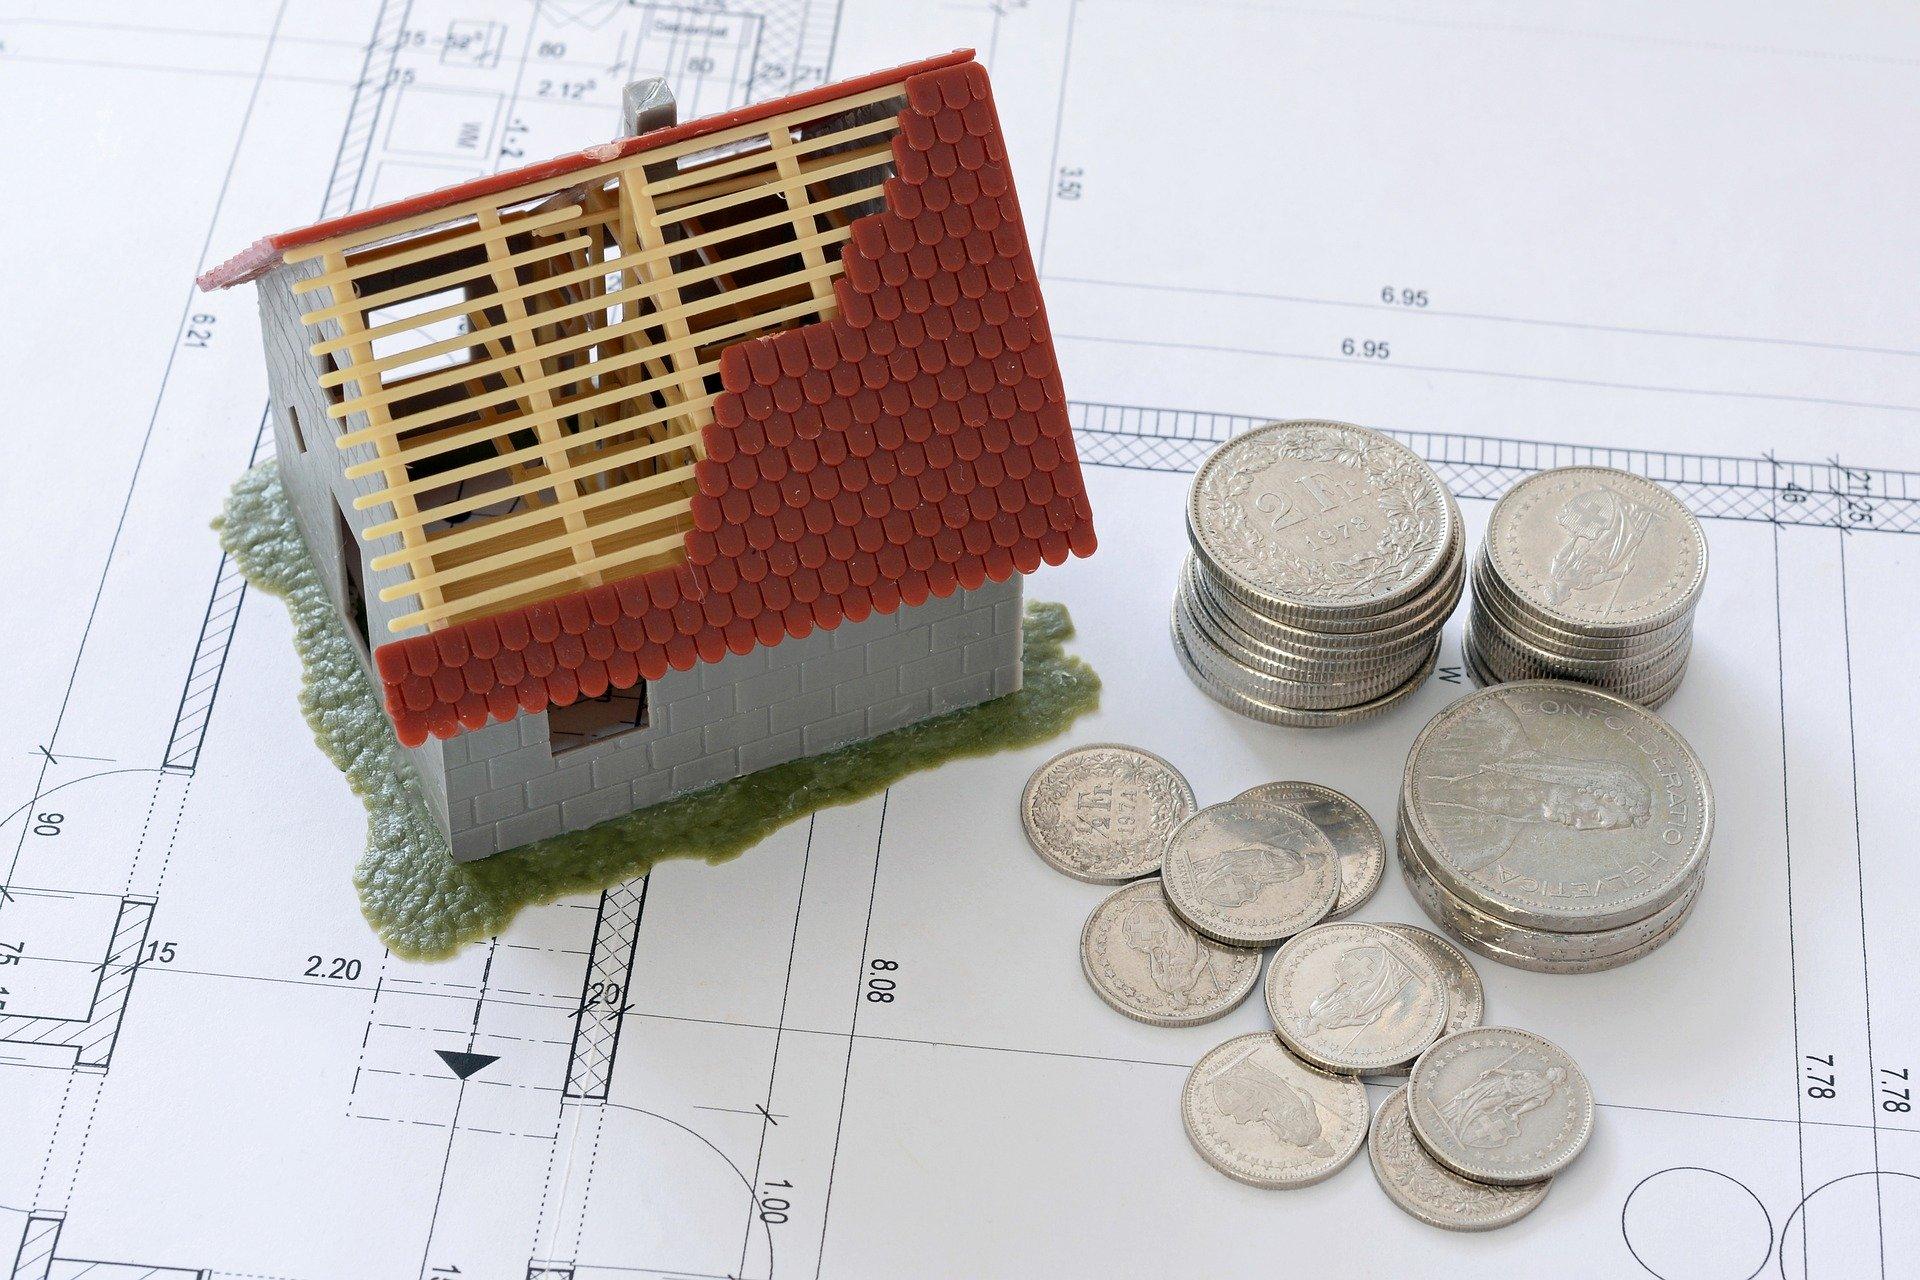 kredyt hipoteczny dla obcokrajowców